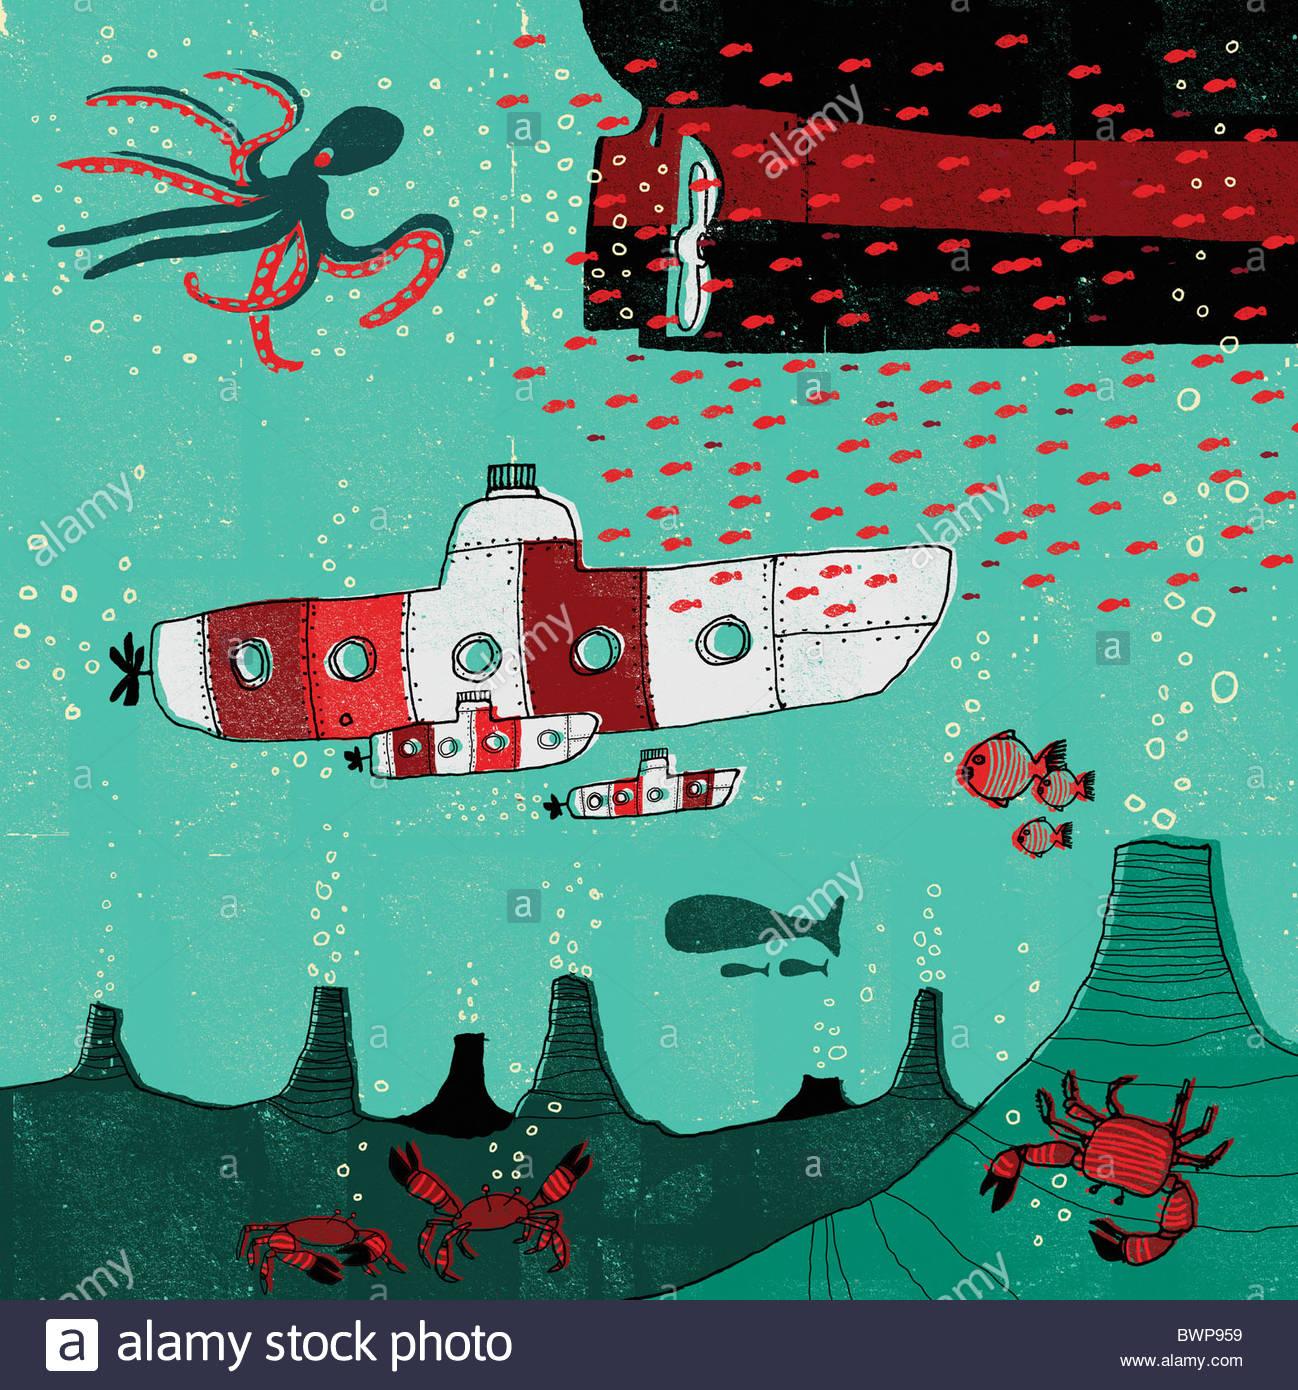 Submarinos viajando debaixo de água em Ocean Imagens de Stock